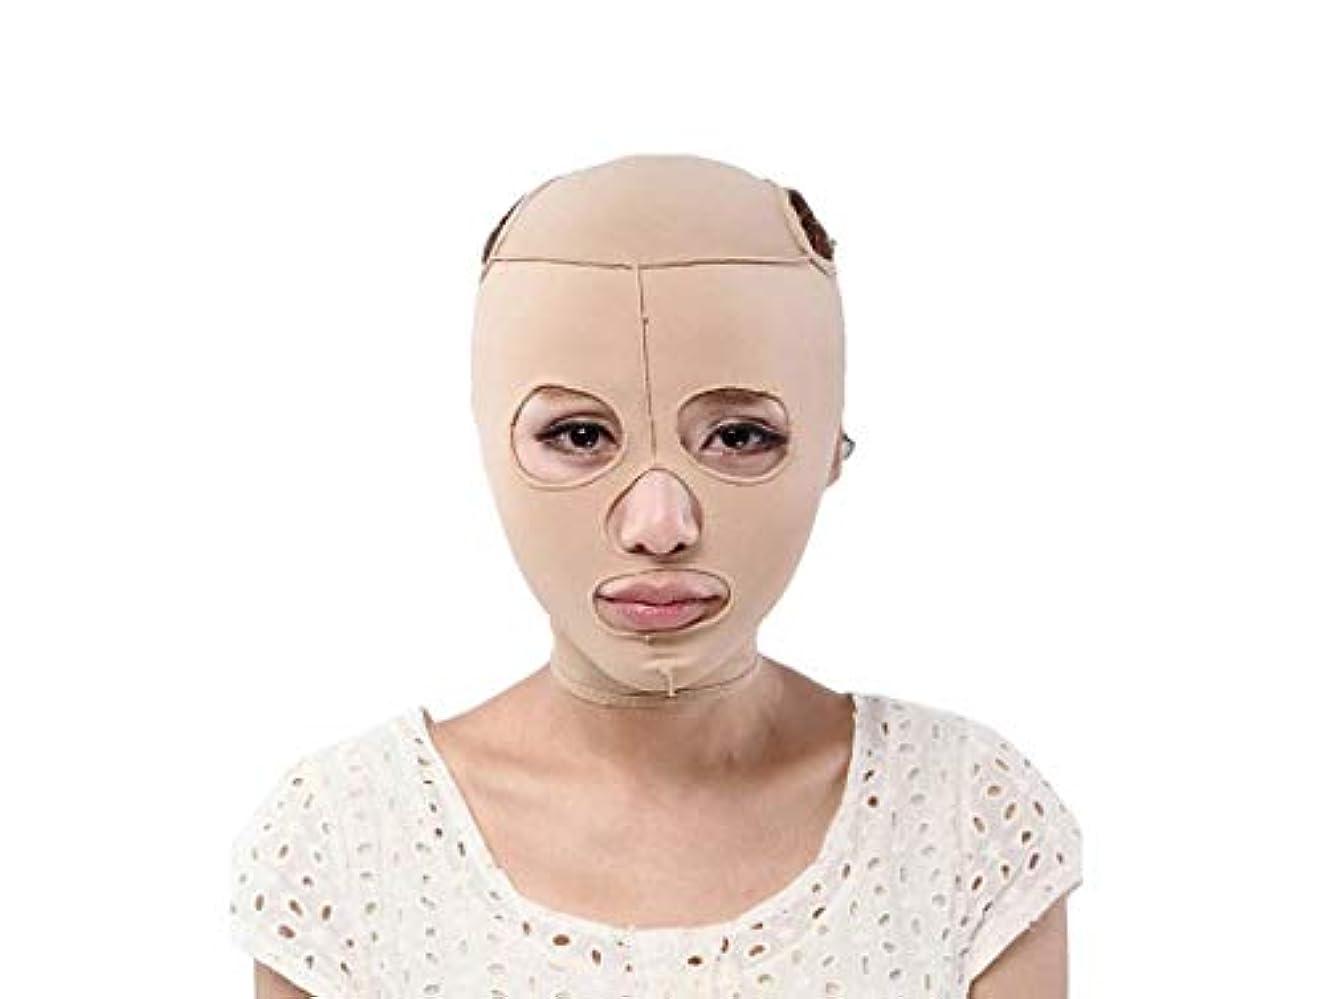 公爵夫人糸ライナー痩身ベルト、フェイスマスクシンフェイス機器リフティング引き締めVフェイス男性と女性フェイスリフティングステッカーダブルチンフェイスリフティングフェイスマスク包帯フェイシャルマッサージ(サイズ:XL)